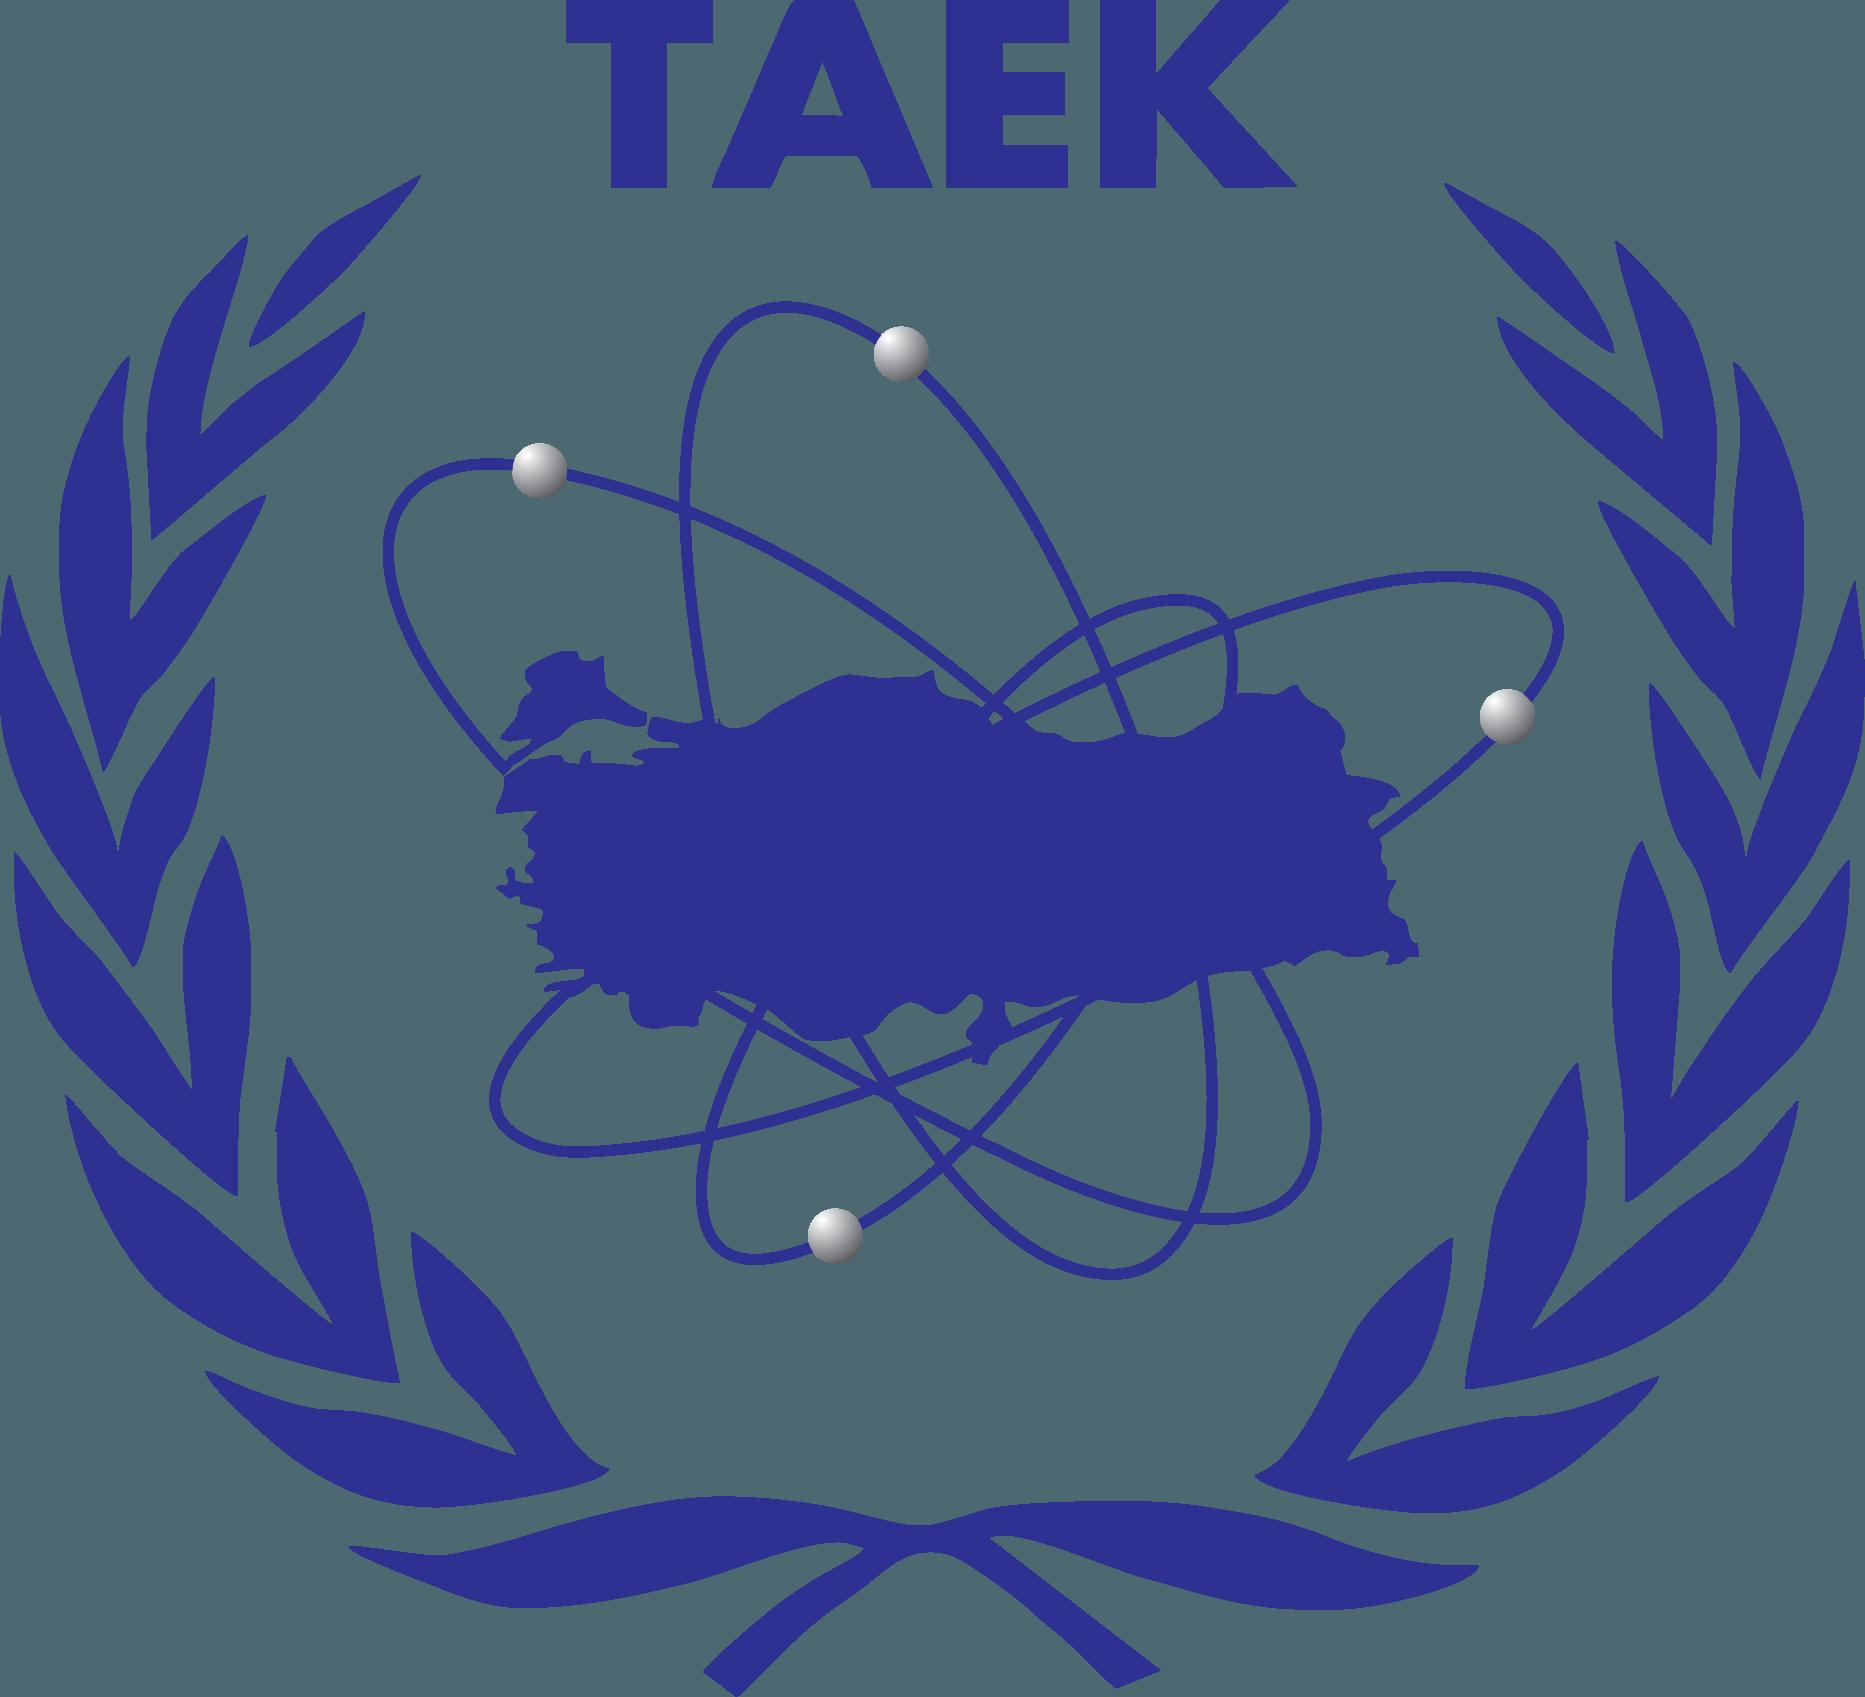 TAEK – Türkiye Atom Enerjisi Kurumu Vektörel Logo [taek.gov.tr] png